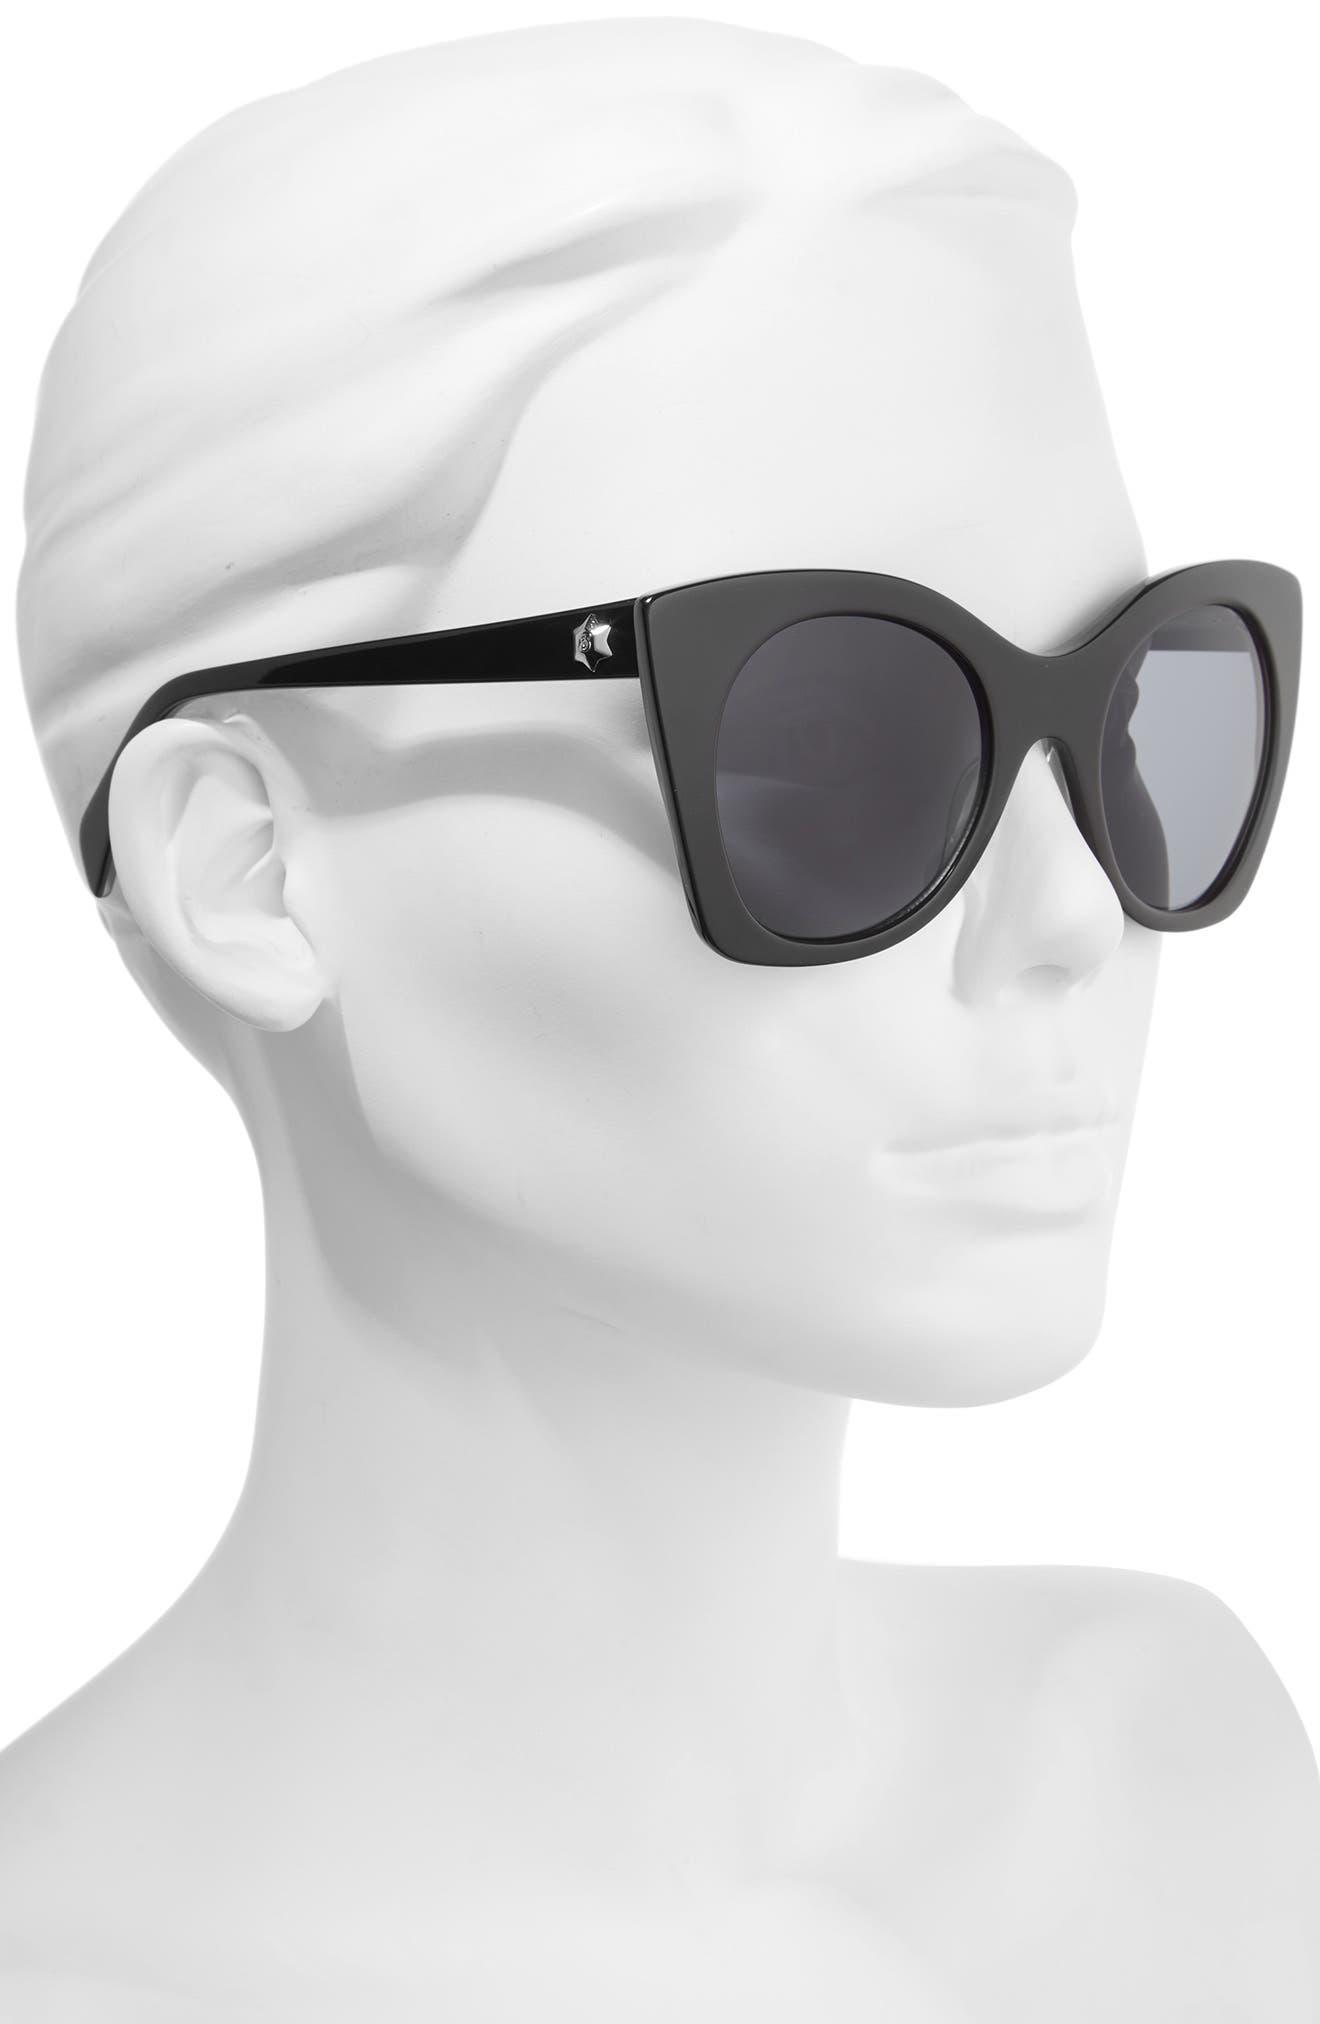 DRAPER JAMES,                             51mm Geometric Sunglasses,                             Alternate thumbnail 2, color,                             001